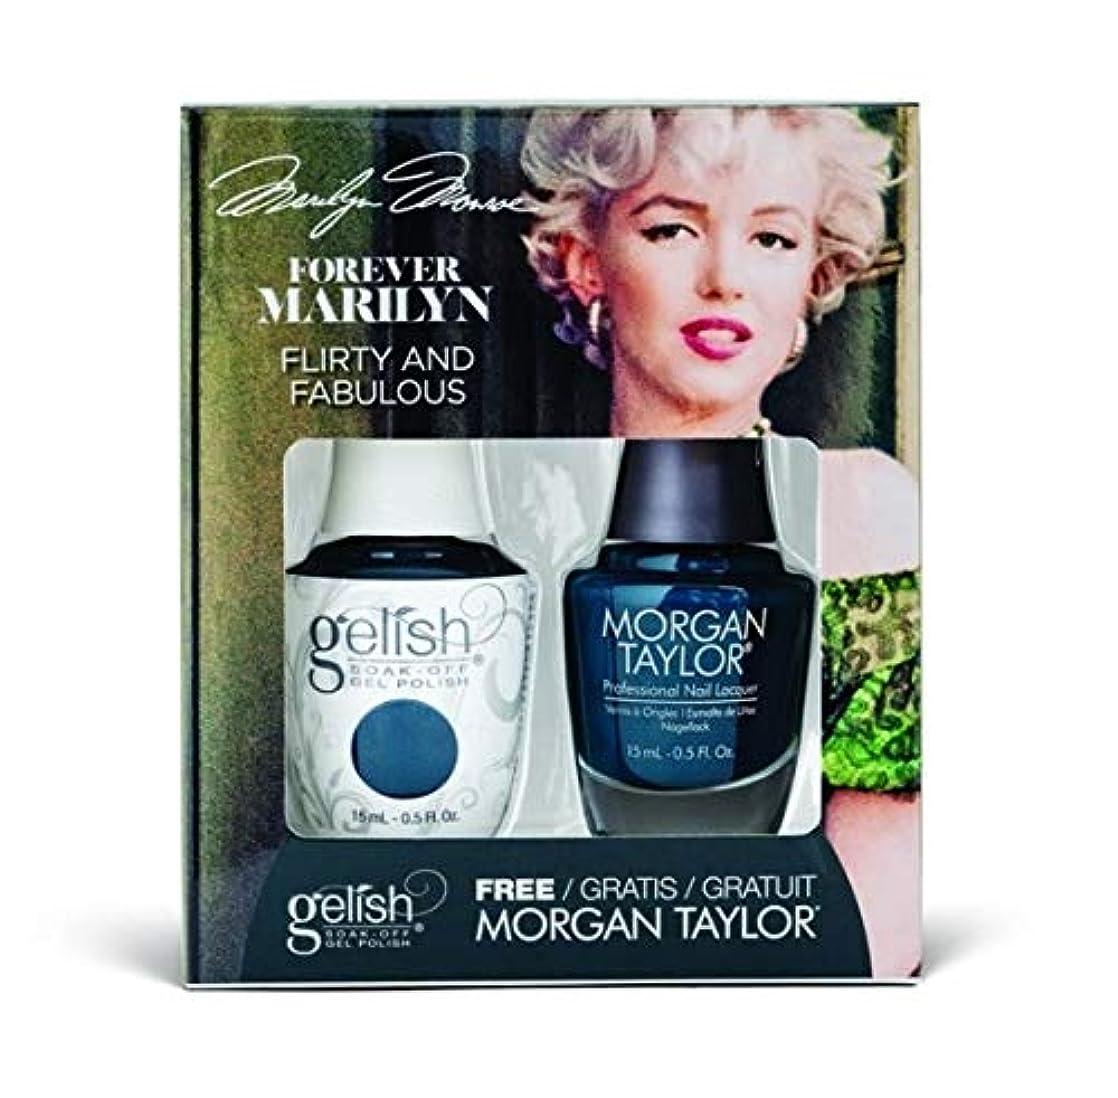 詩人あたたかい意義Harmony Gelish - Two of a Kind - Forever Marilyn Fall 2019 Collection - Flirty and Fabulous - 15ml / 0.5oz